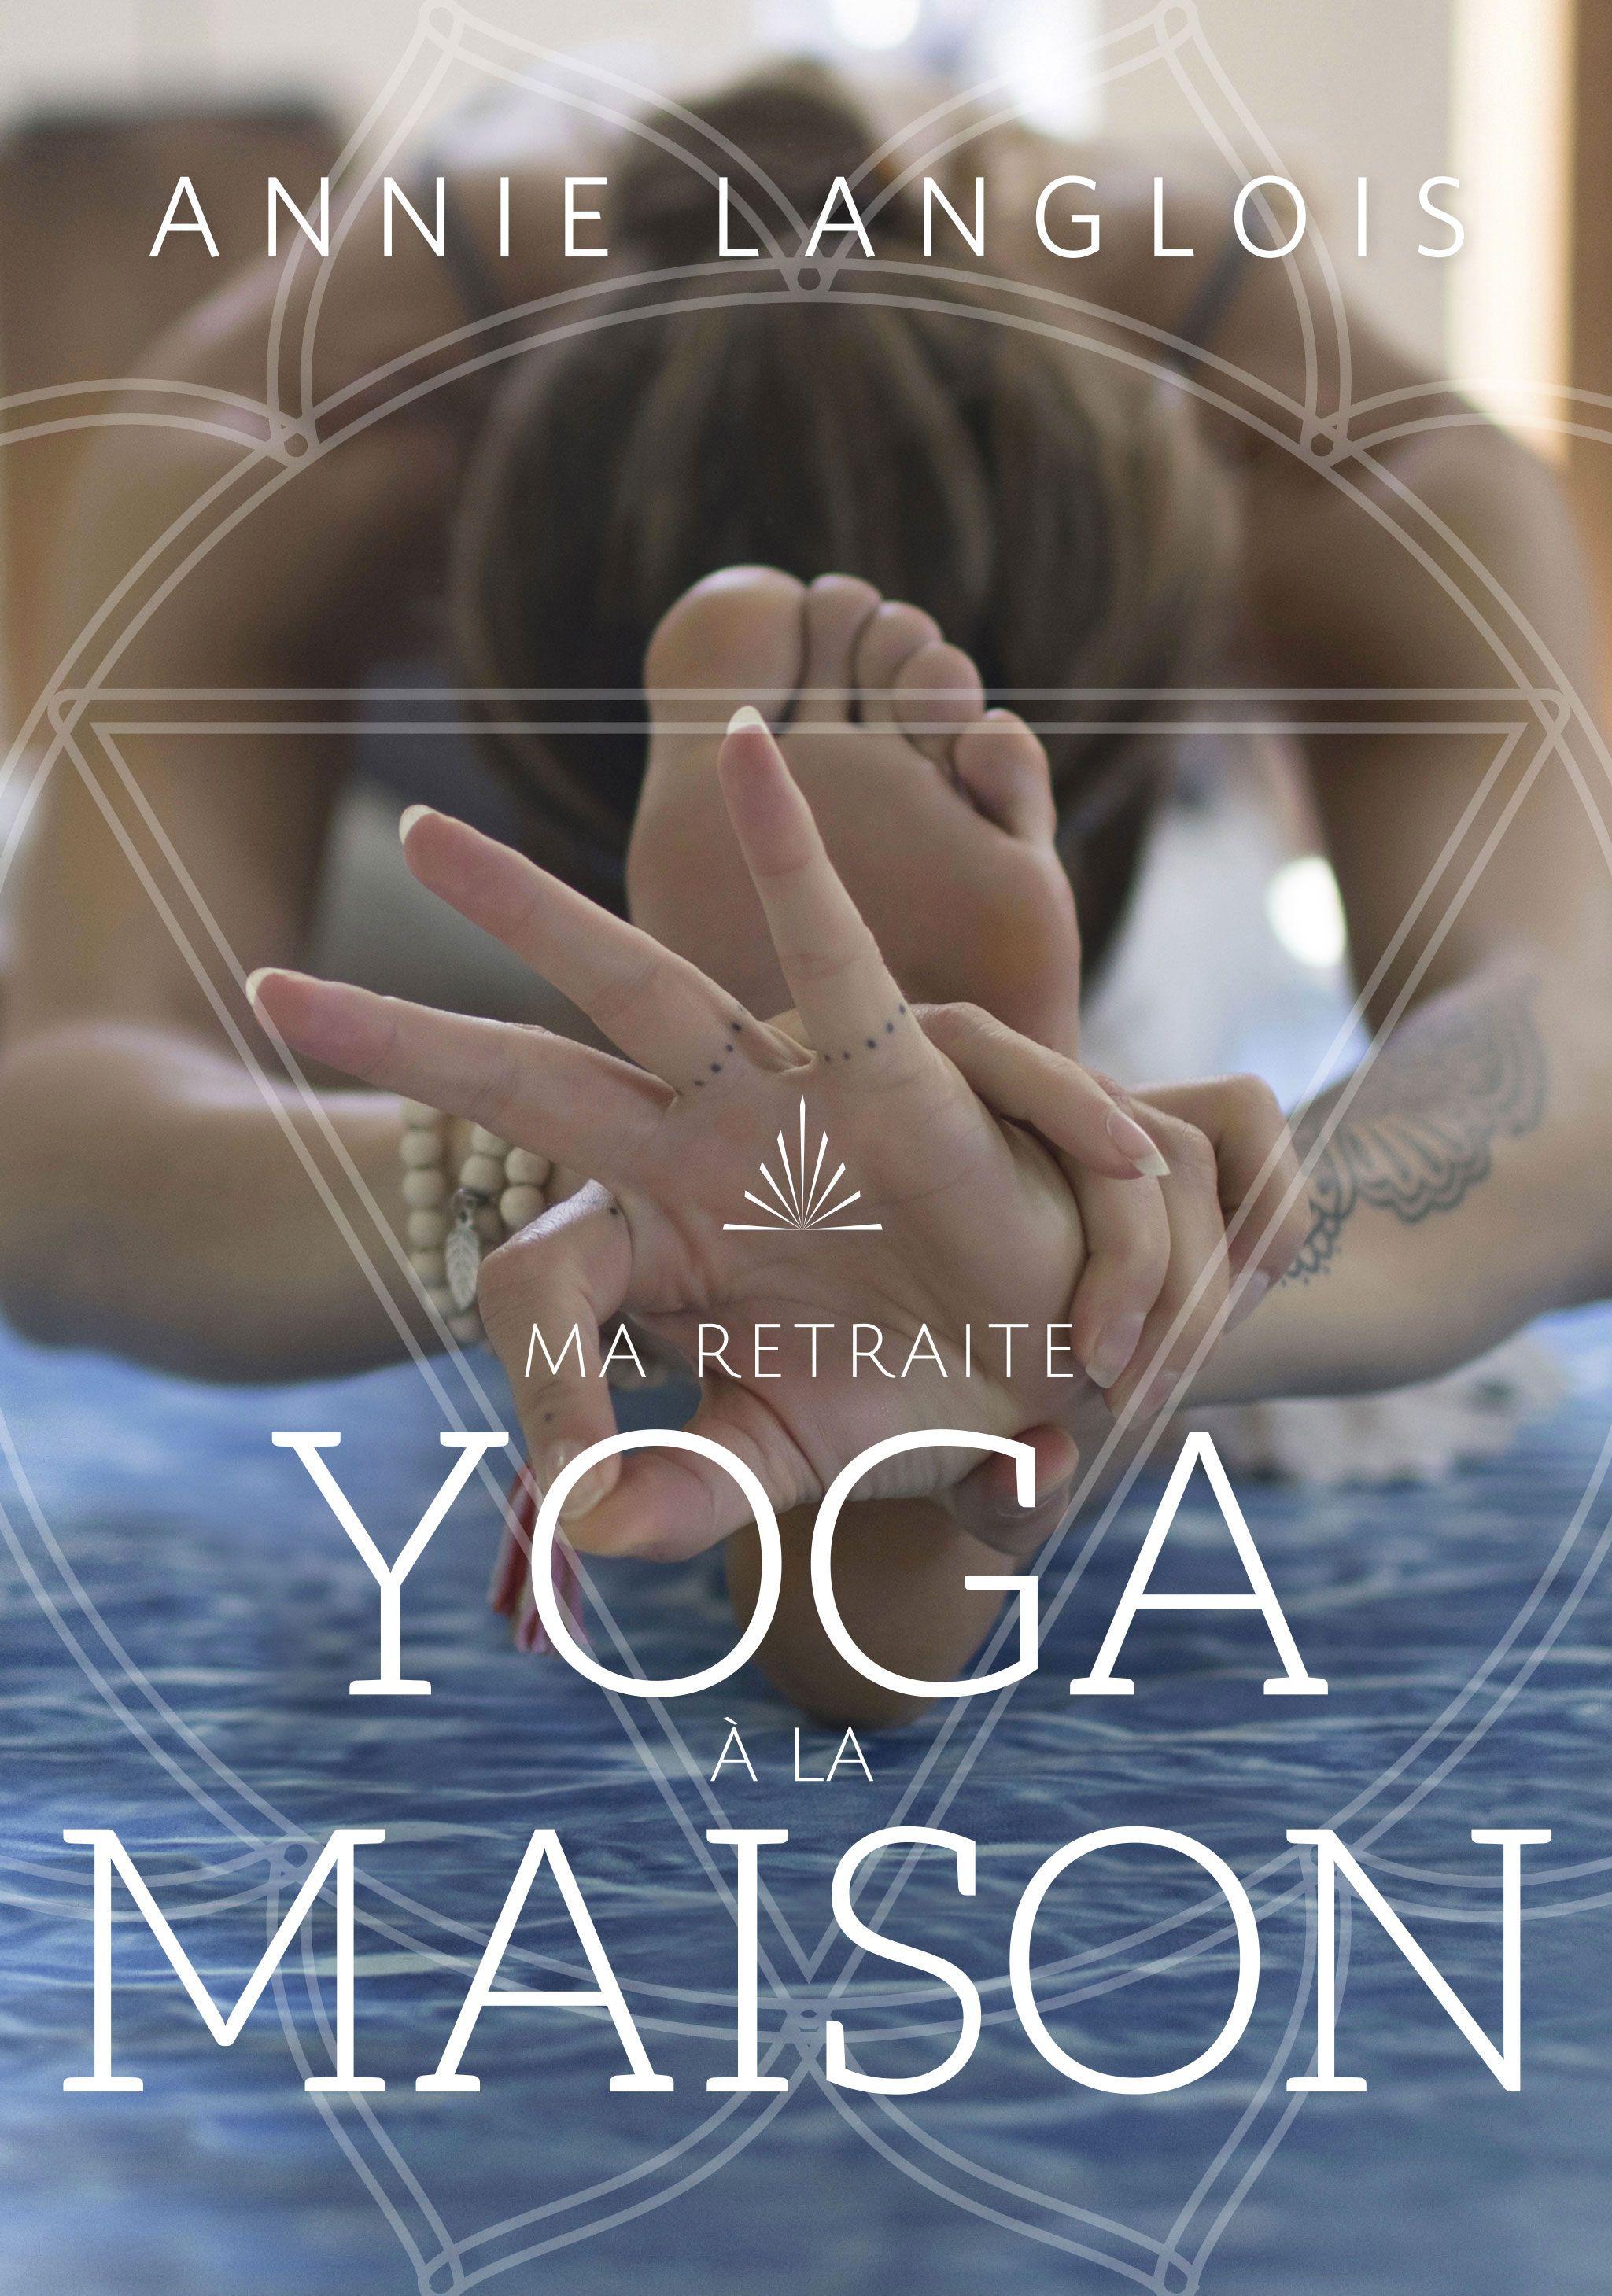 Les trucs d'Annie Langlois pour se créer une retraite yoga dans le confort de chez soi, afin de se retrouver et faire le point.